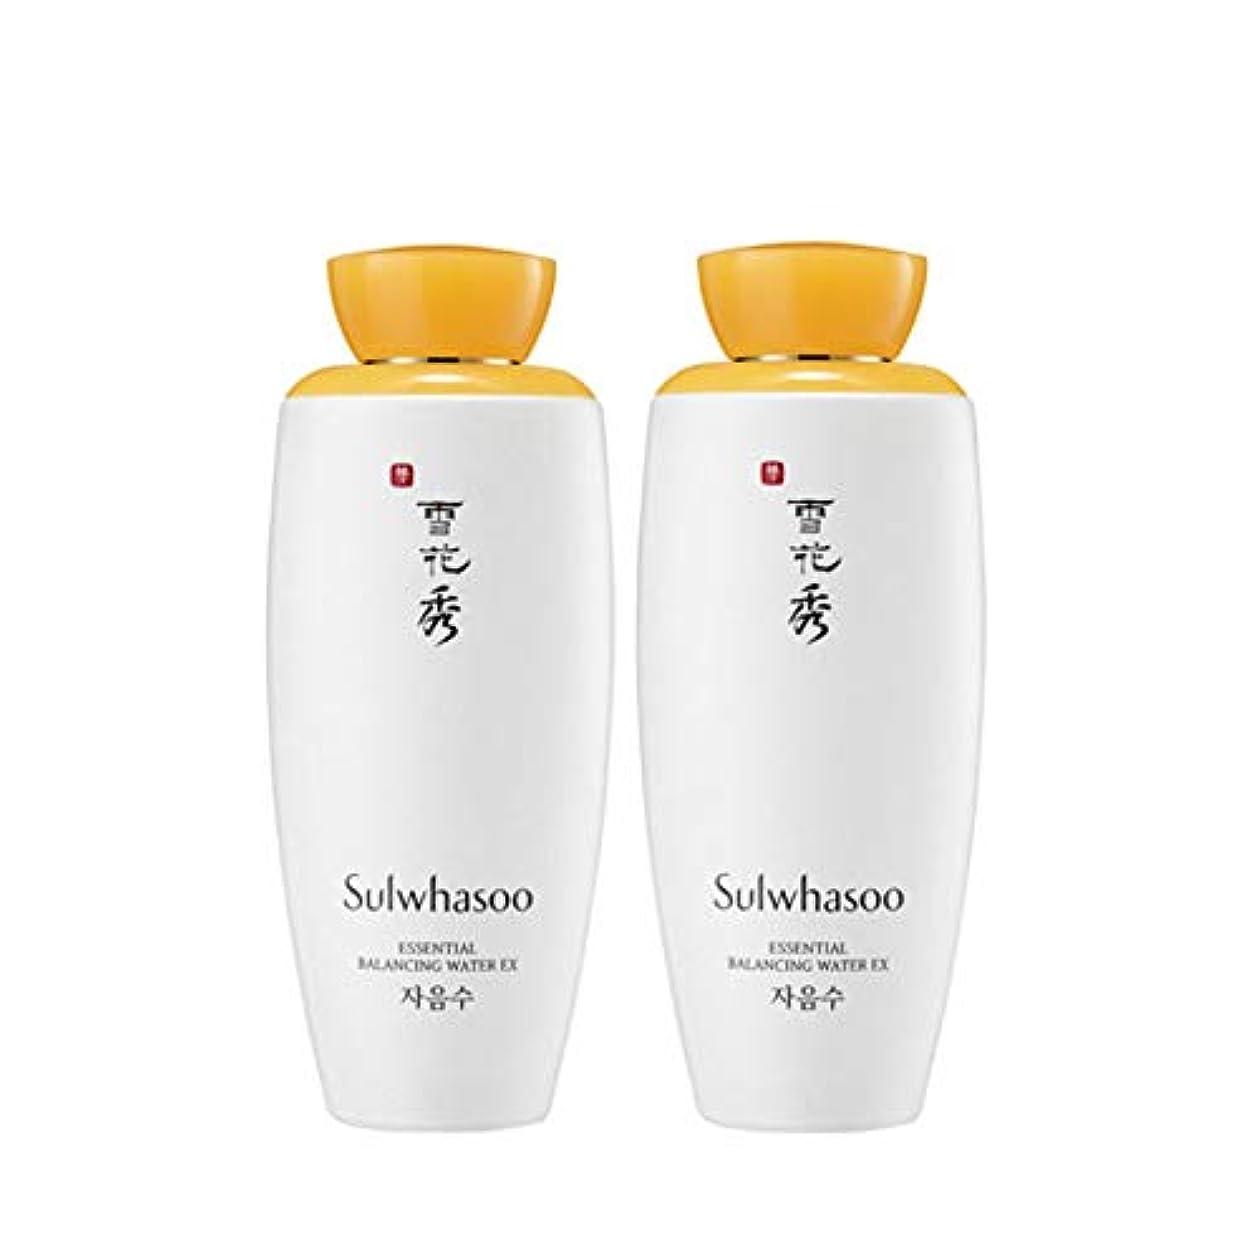 商標スラムメトリック雪花秀エッセンシャルバランシングウォーターEX 125mlx2本セット韓国コスメ、Sulwhasoo Essential Balancing Water EX 125ml x 2ea Set Korean Cosmetics...